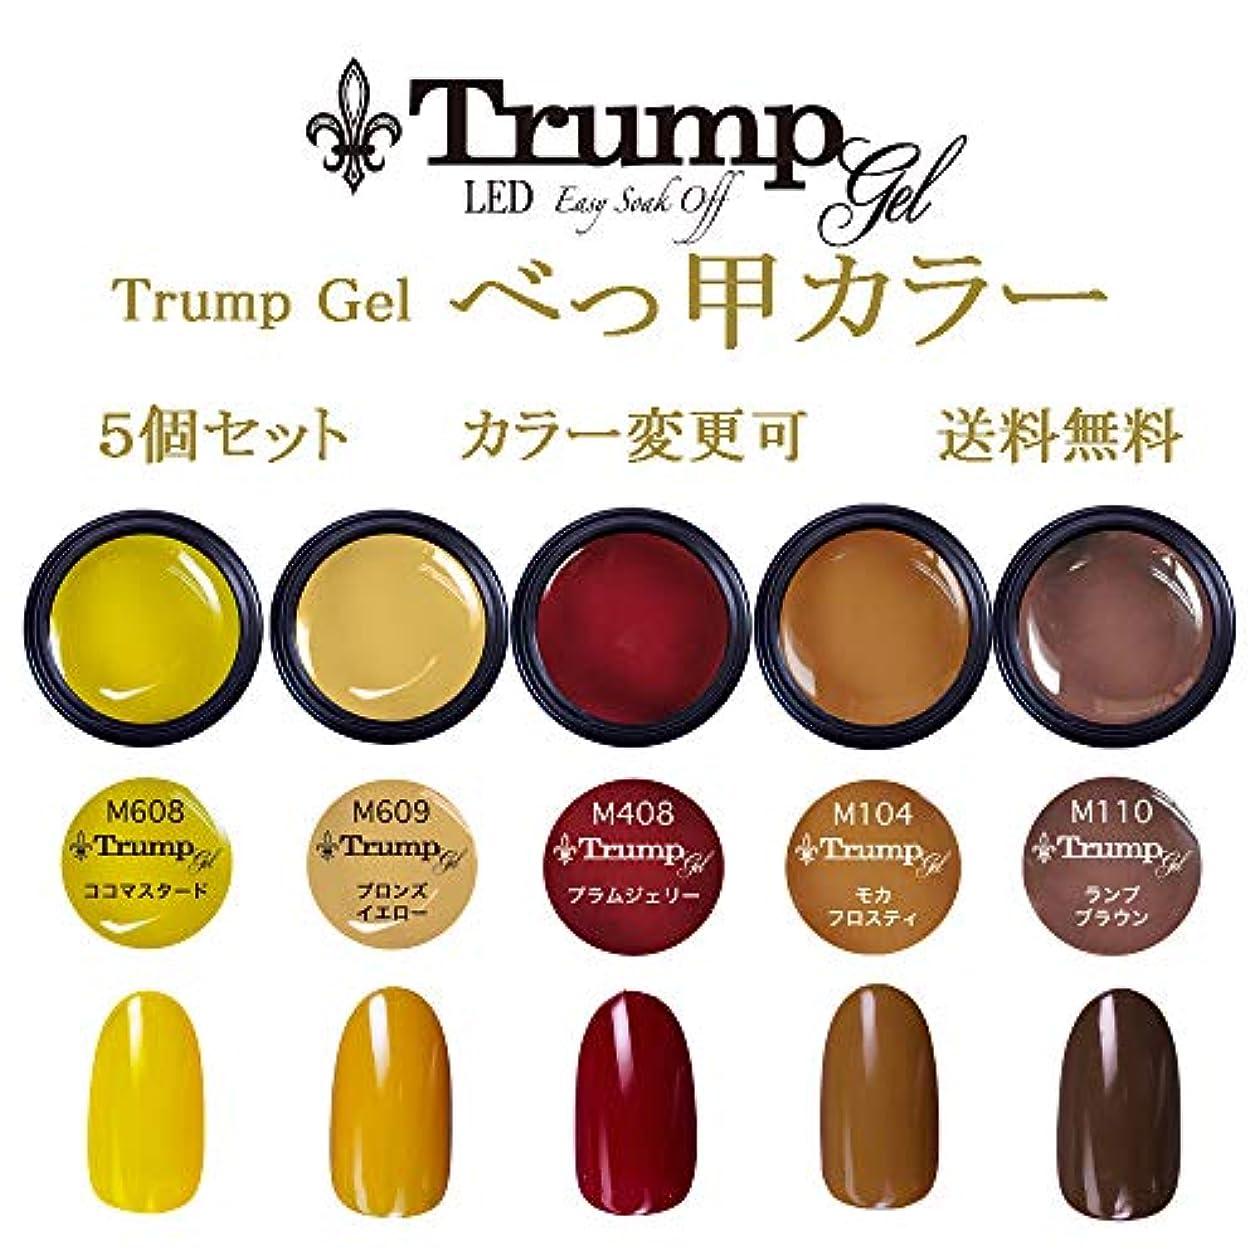 大西洋一節デュアル日本製 Trump gel トランプジェル べっ甲 ネイルカラー 選べる カラージェル 5個セット イエロー ブラウン ワイン べっこう